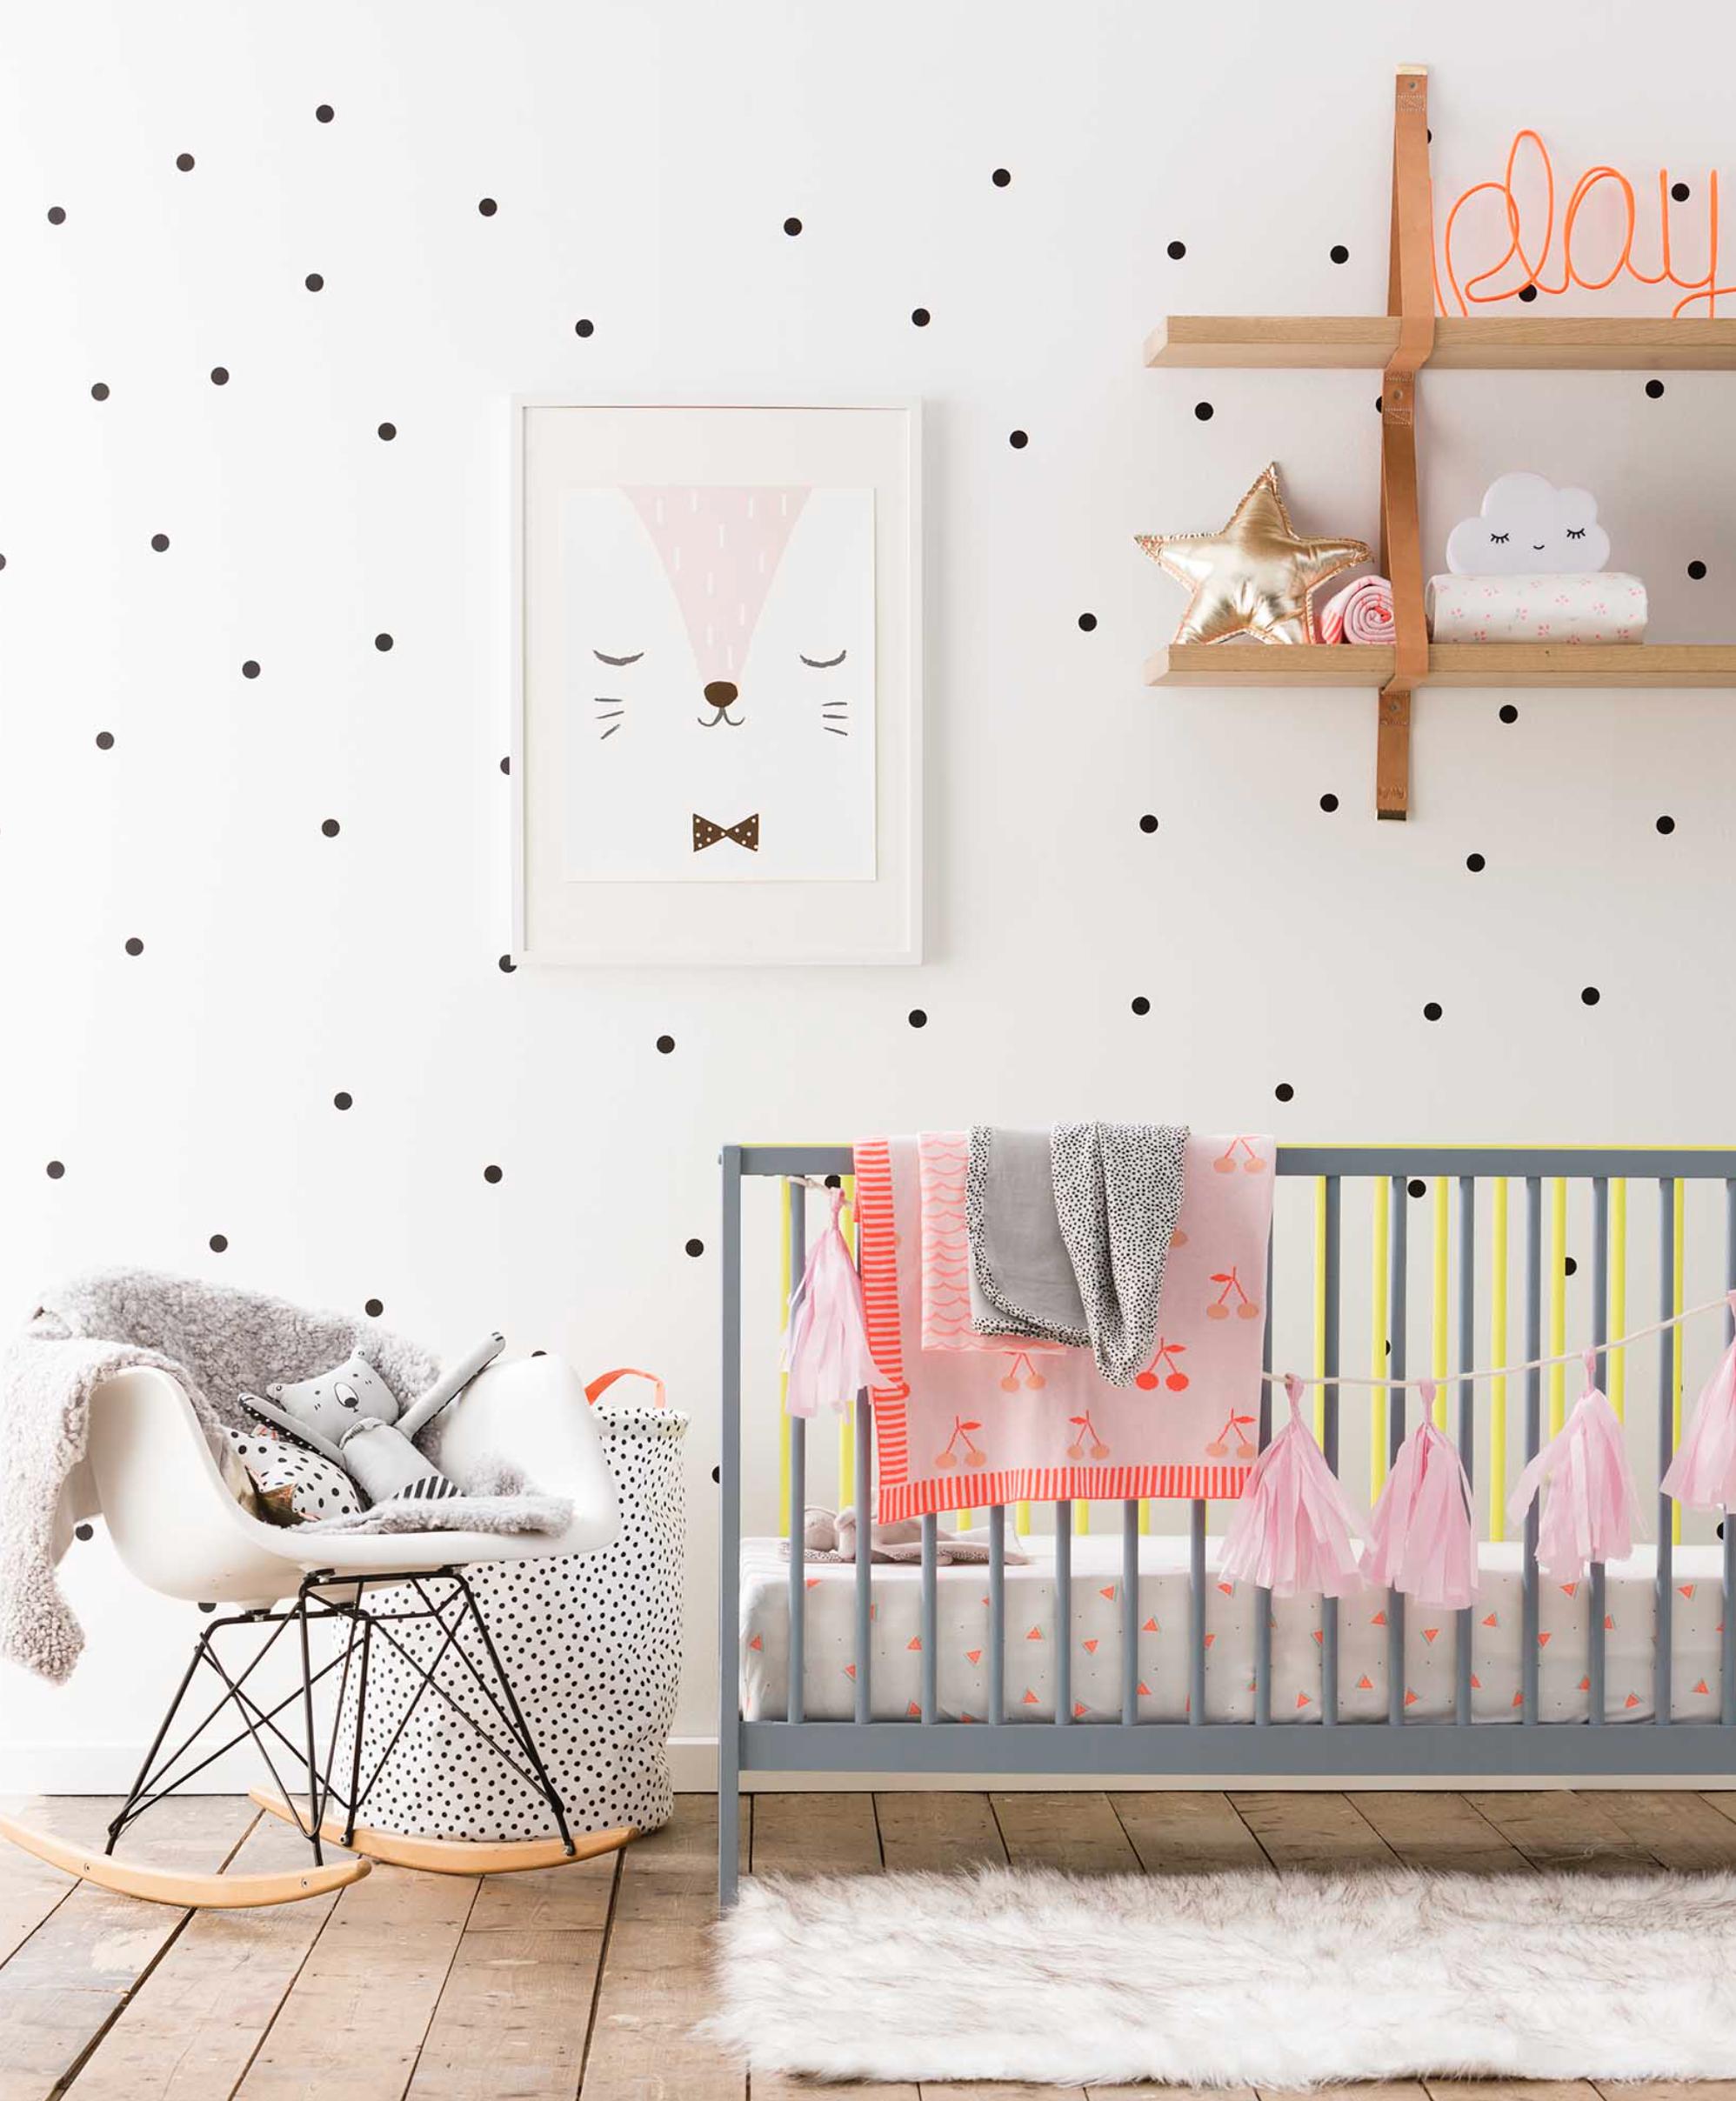 Ventilador de teto Spirit - Blog Myspirit - adesivo de bolinha para quarto de bebê - adesivos de parede para quarto de bebê